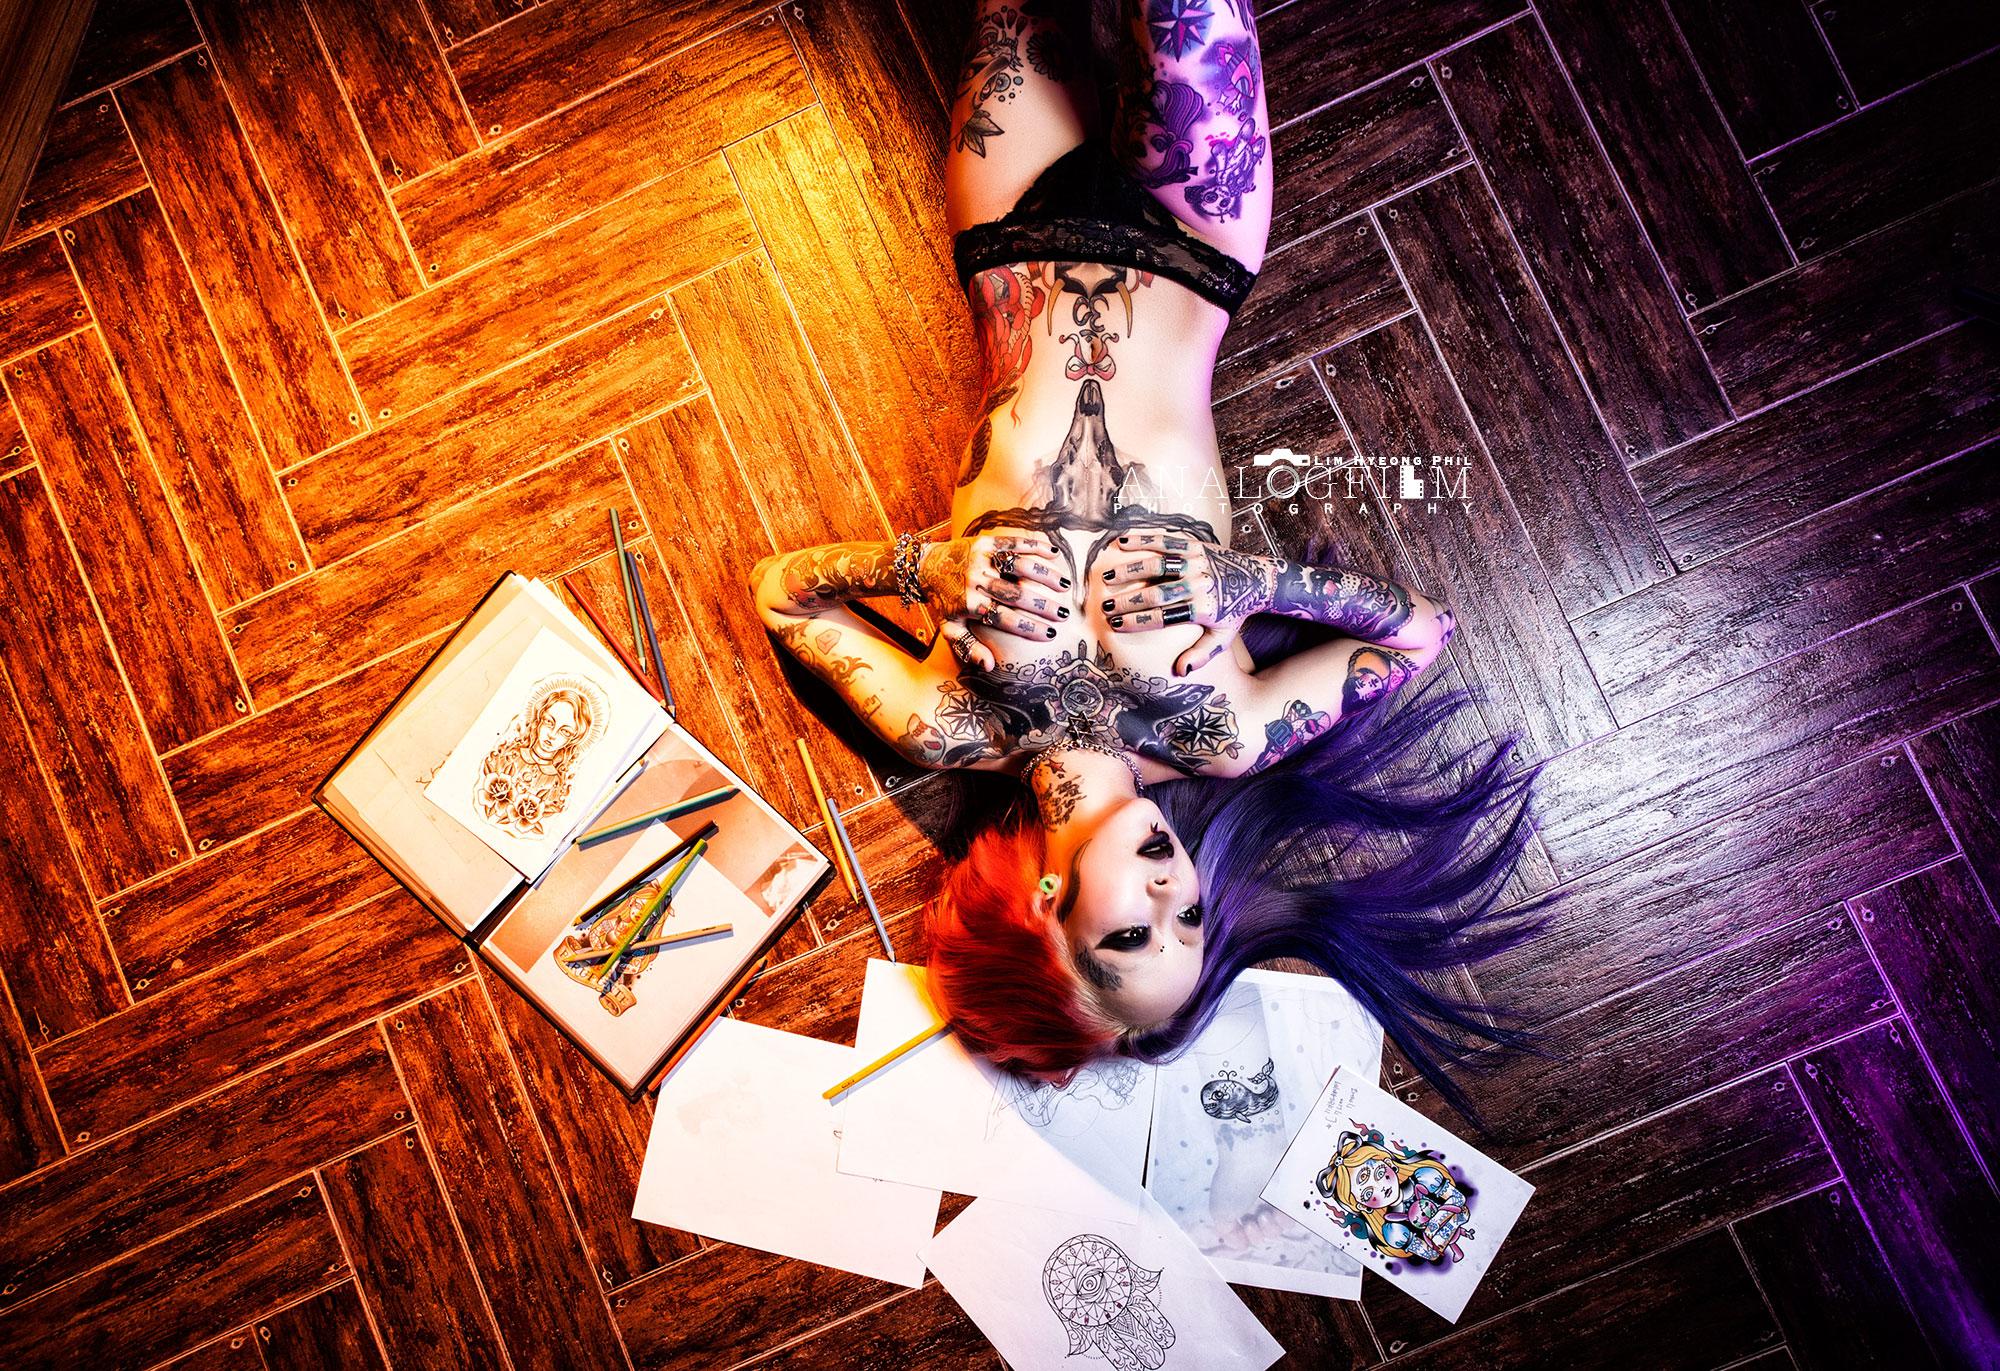 타투이스트,타투,tattoo,tattooist,inked,inked girl,컨셉화보,컨셉프로필,퇴폐미,프로필촬영,프로필사진,마약,술,담배,바디프로필,3